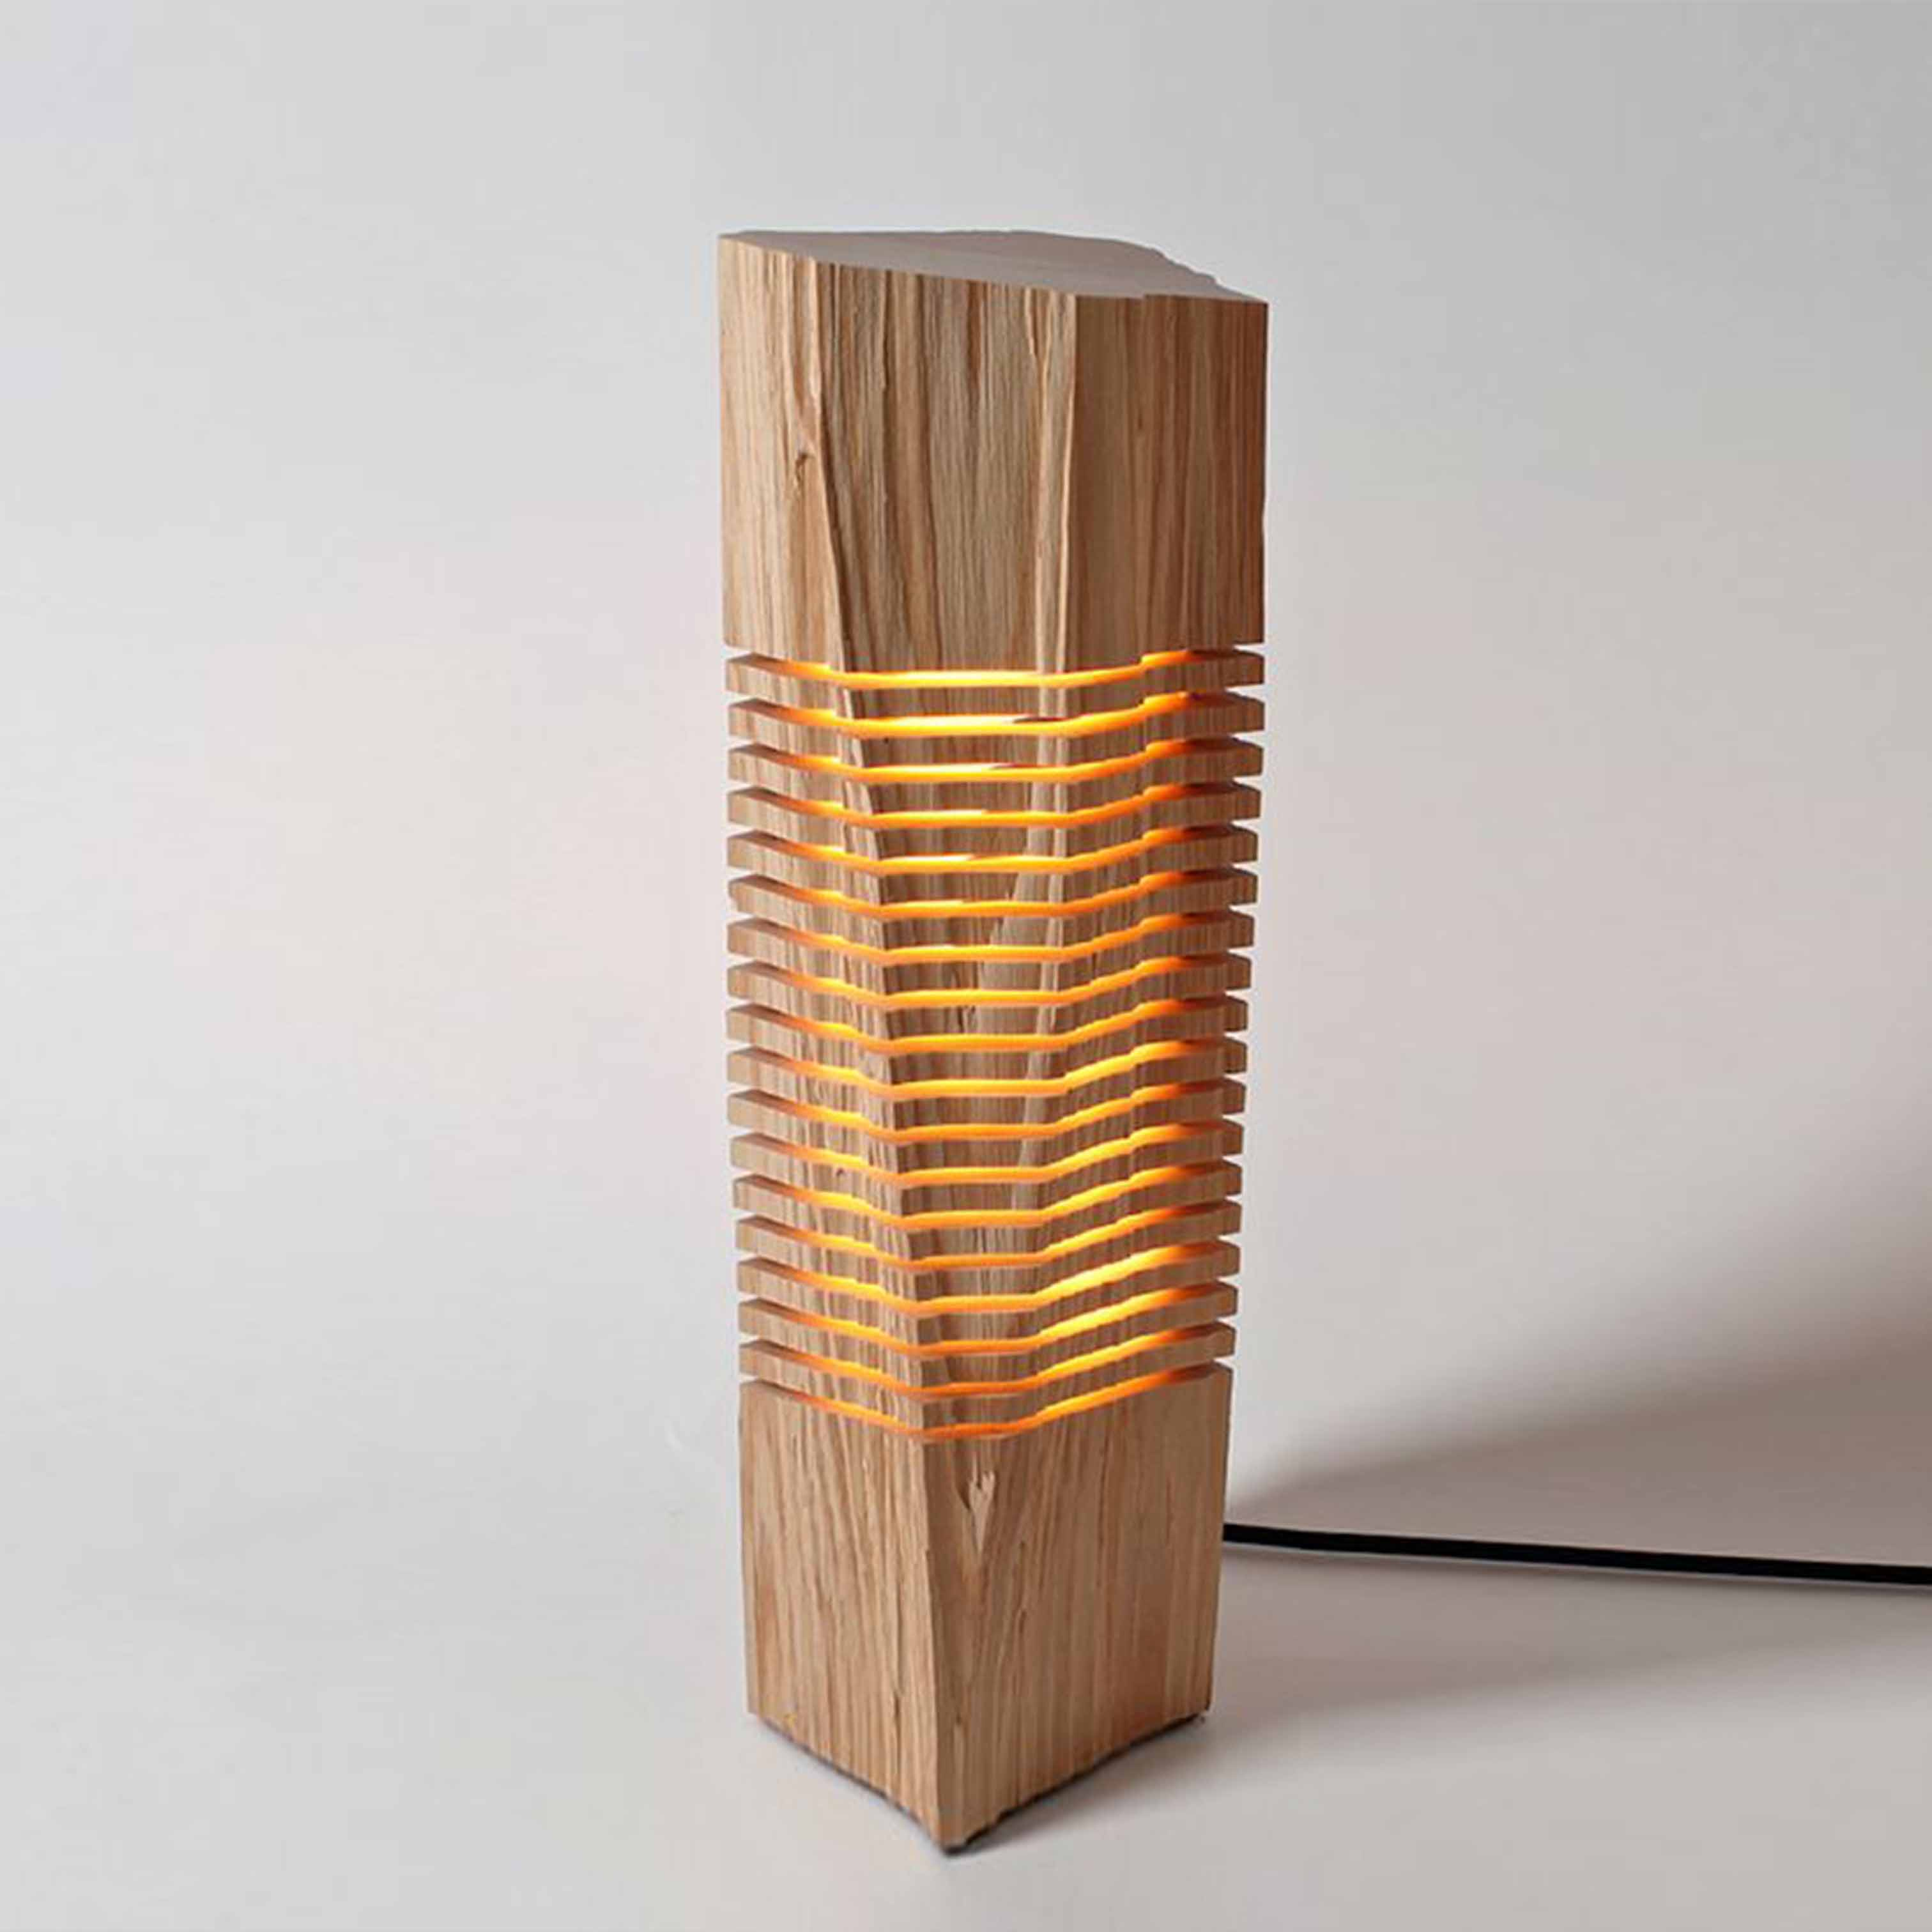 Đèn gỗ trang trí nghệ thuật - D47LHFU